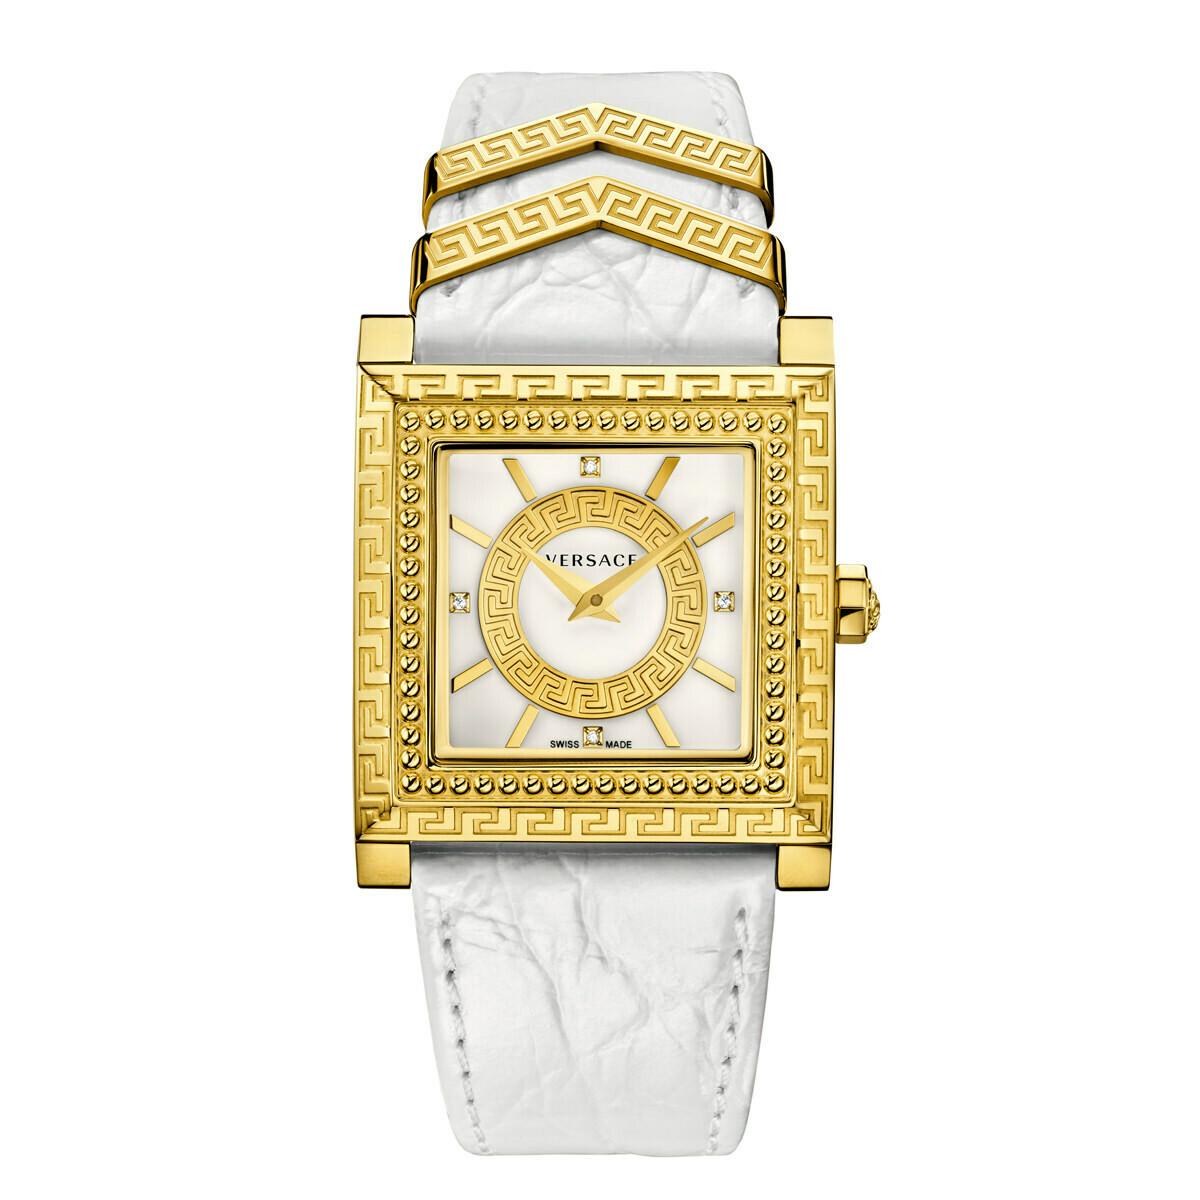 VERSACE Uhr Damen VQF01 0015 Gold-Edelstahl mit Lederarmband weiß